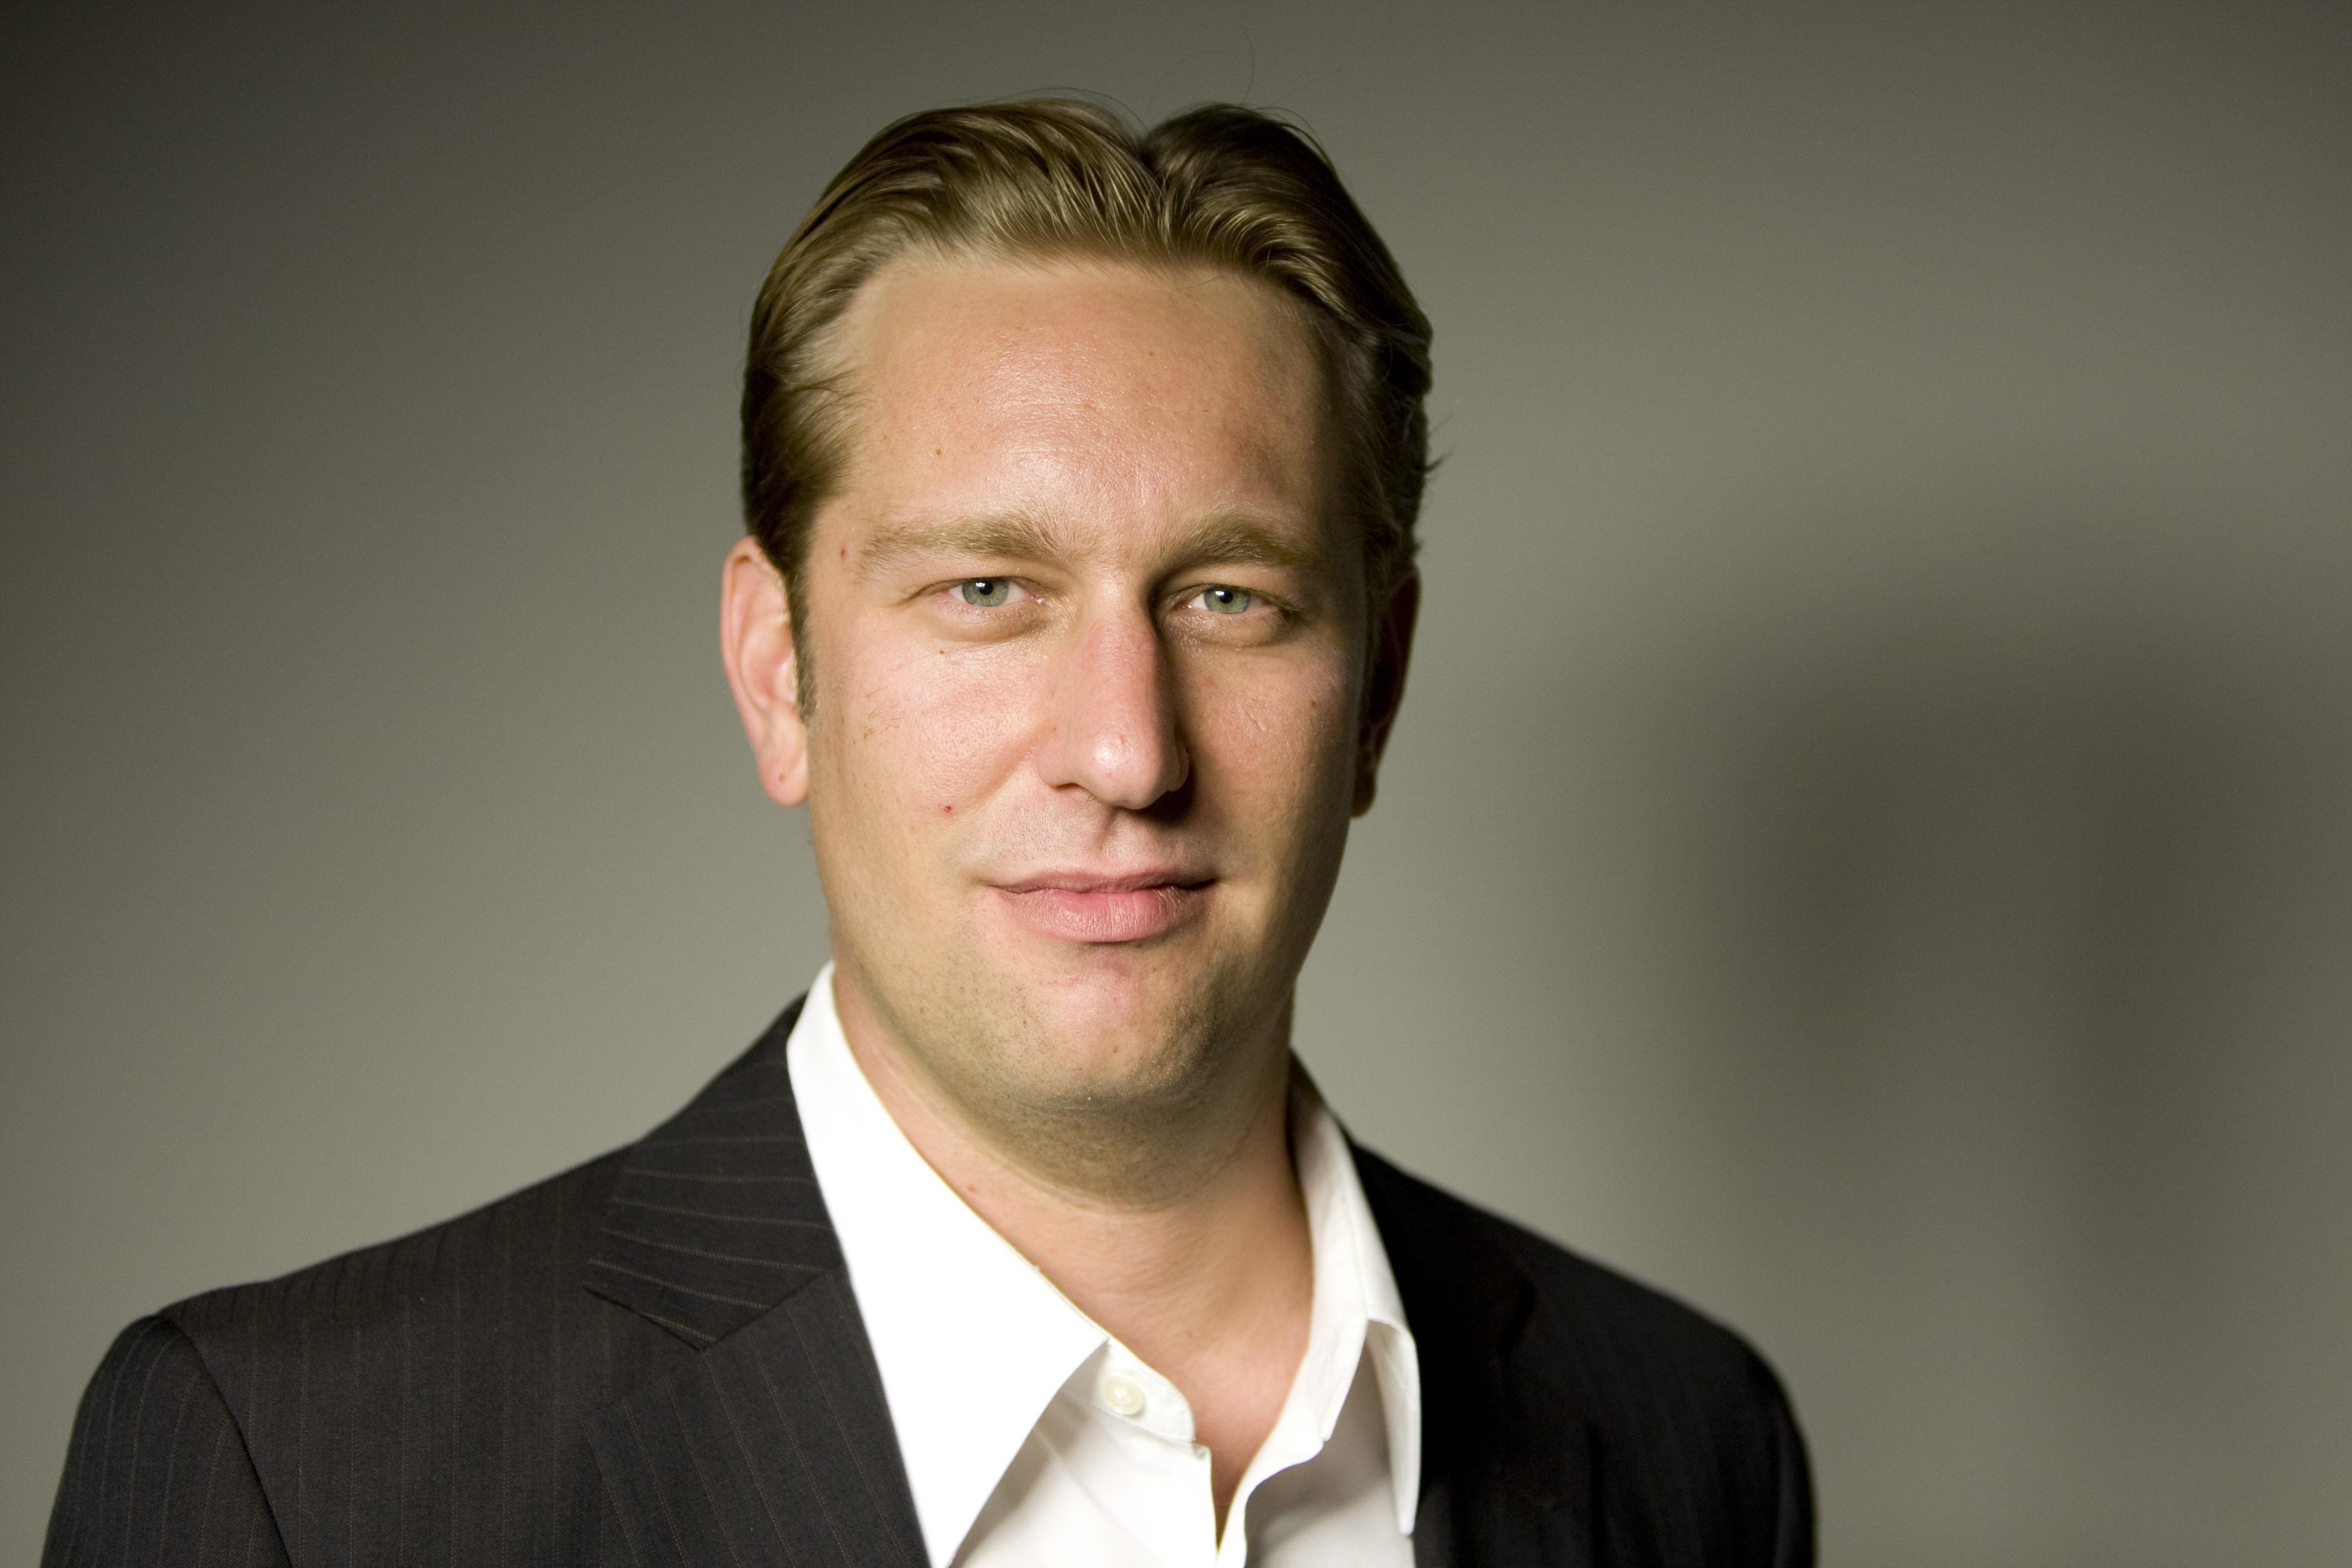 Matthew Sekeres